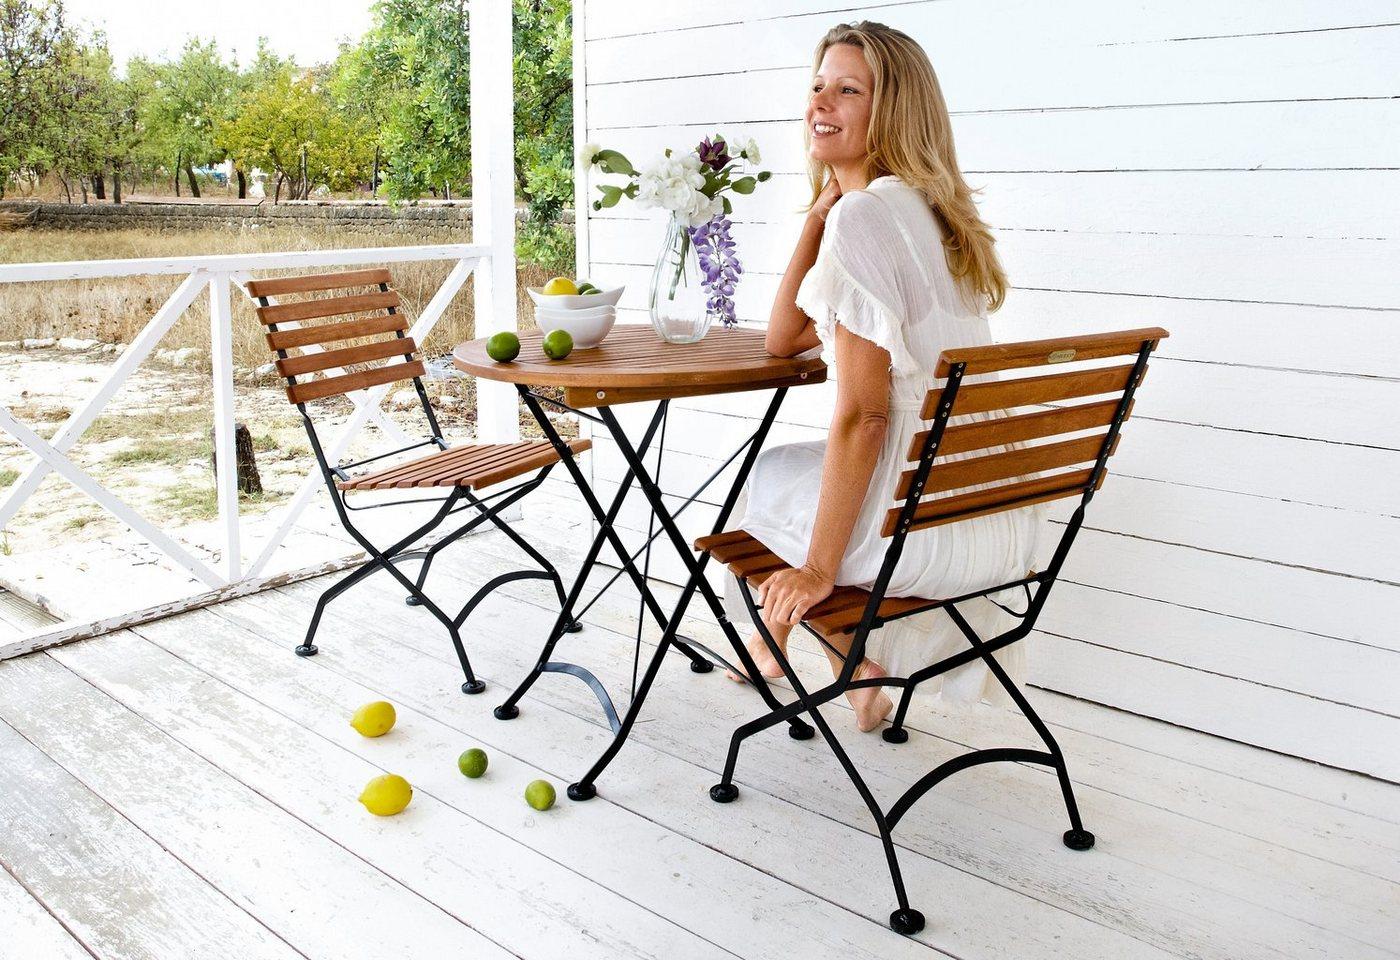 gartenmobel otto versand interessante ideen f r die gestaltung von gartenm beln. Black Bedroom Furniture Sets. Home Design Ideas